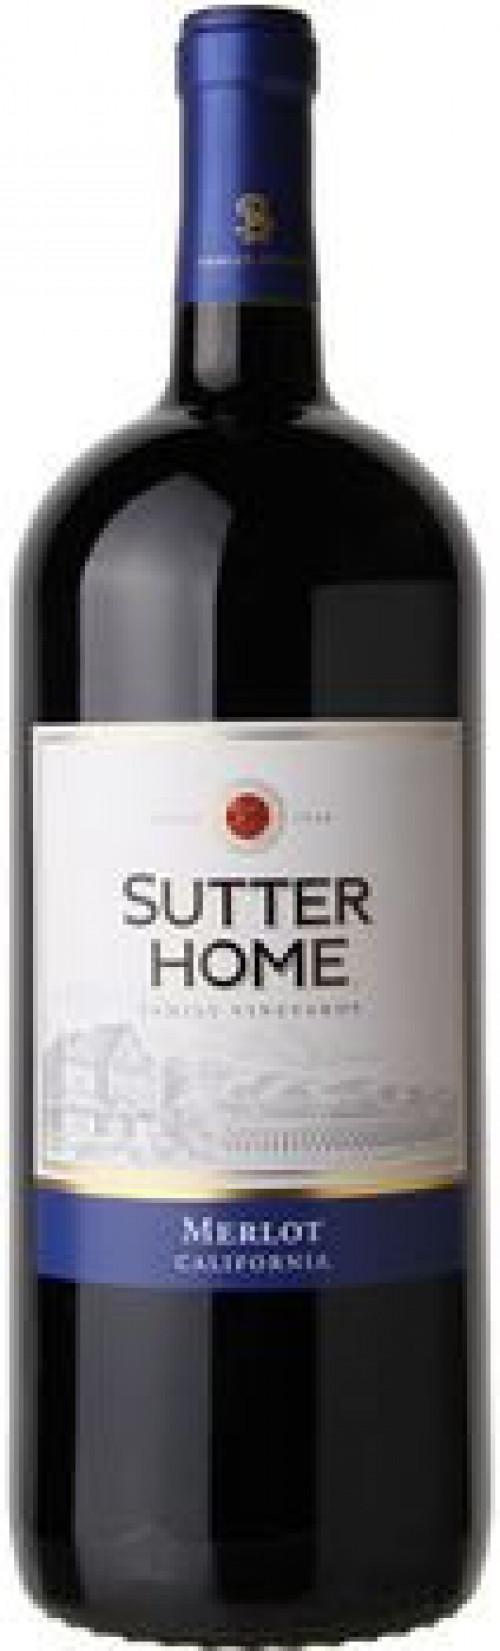 Sutter Home Merlot 1.5 Ltr